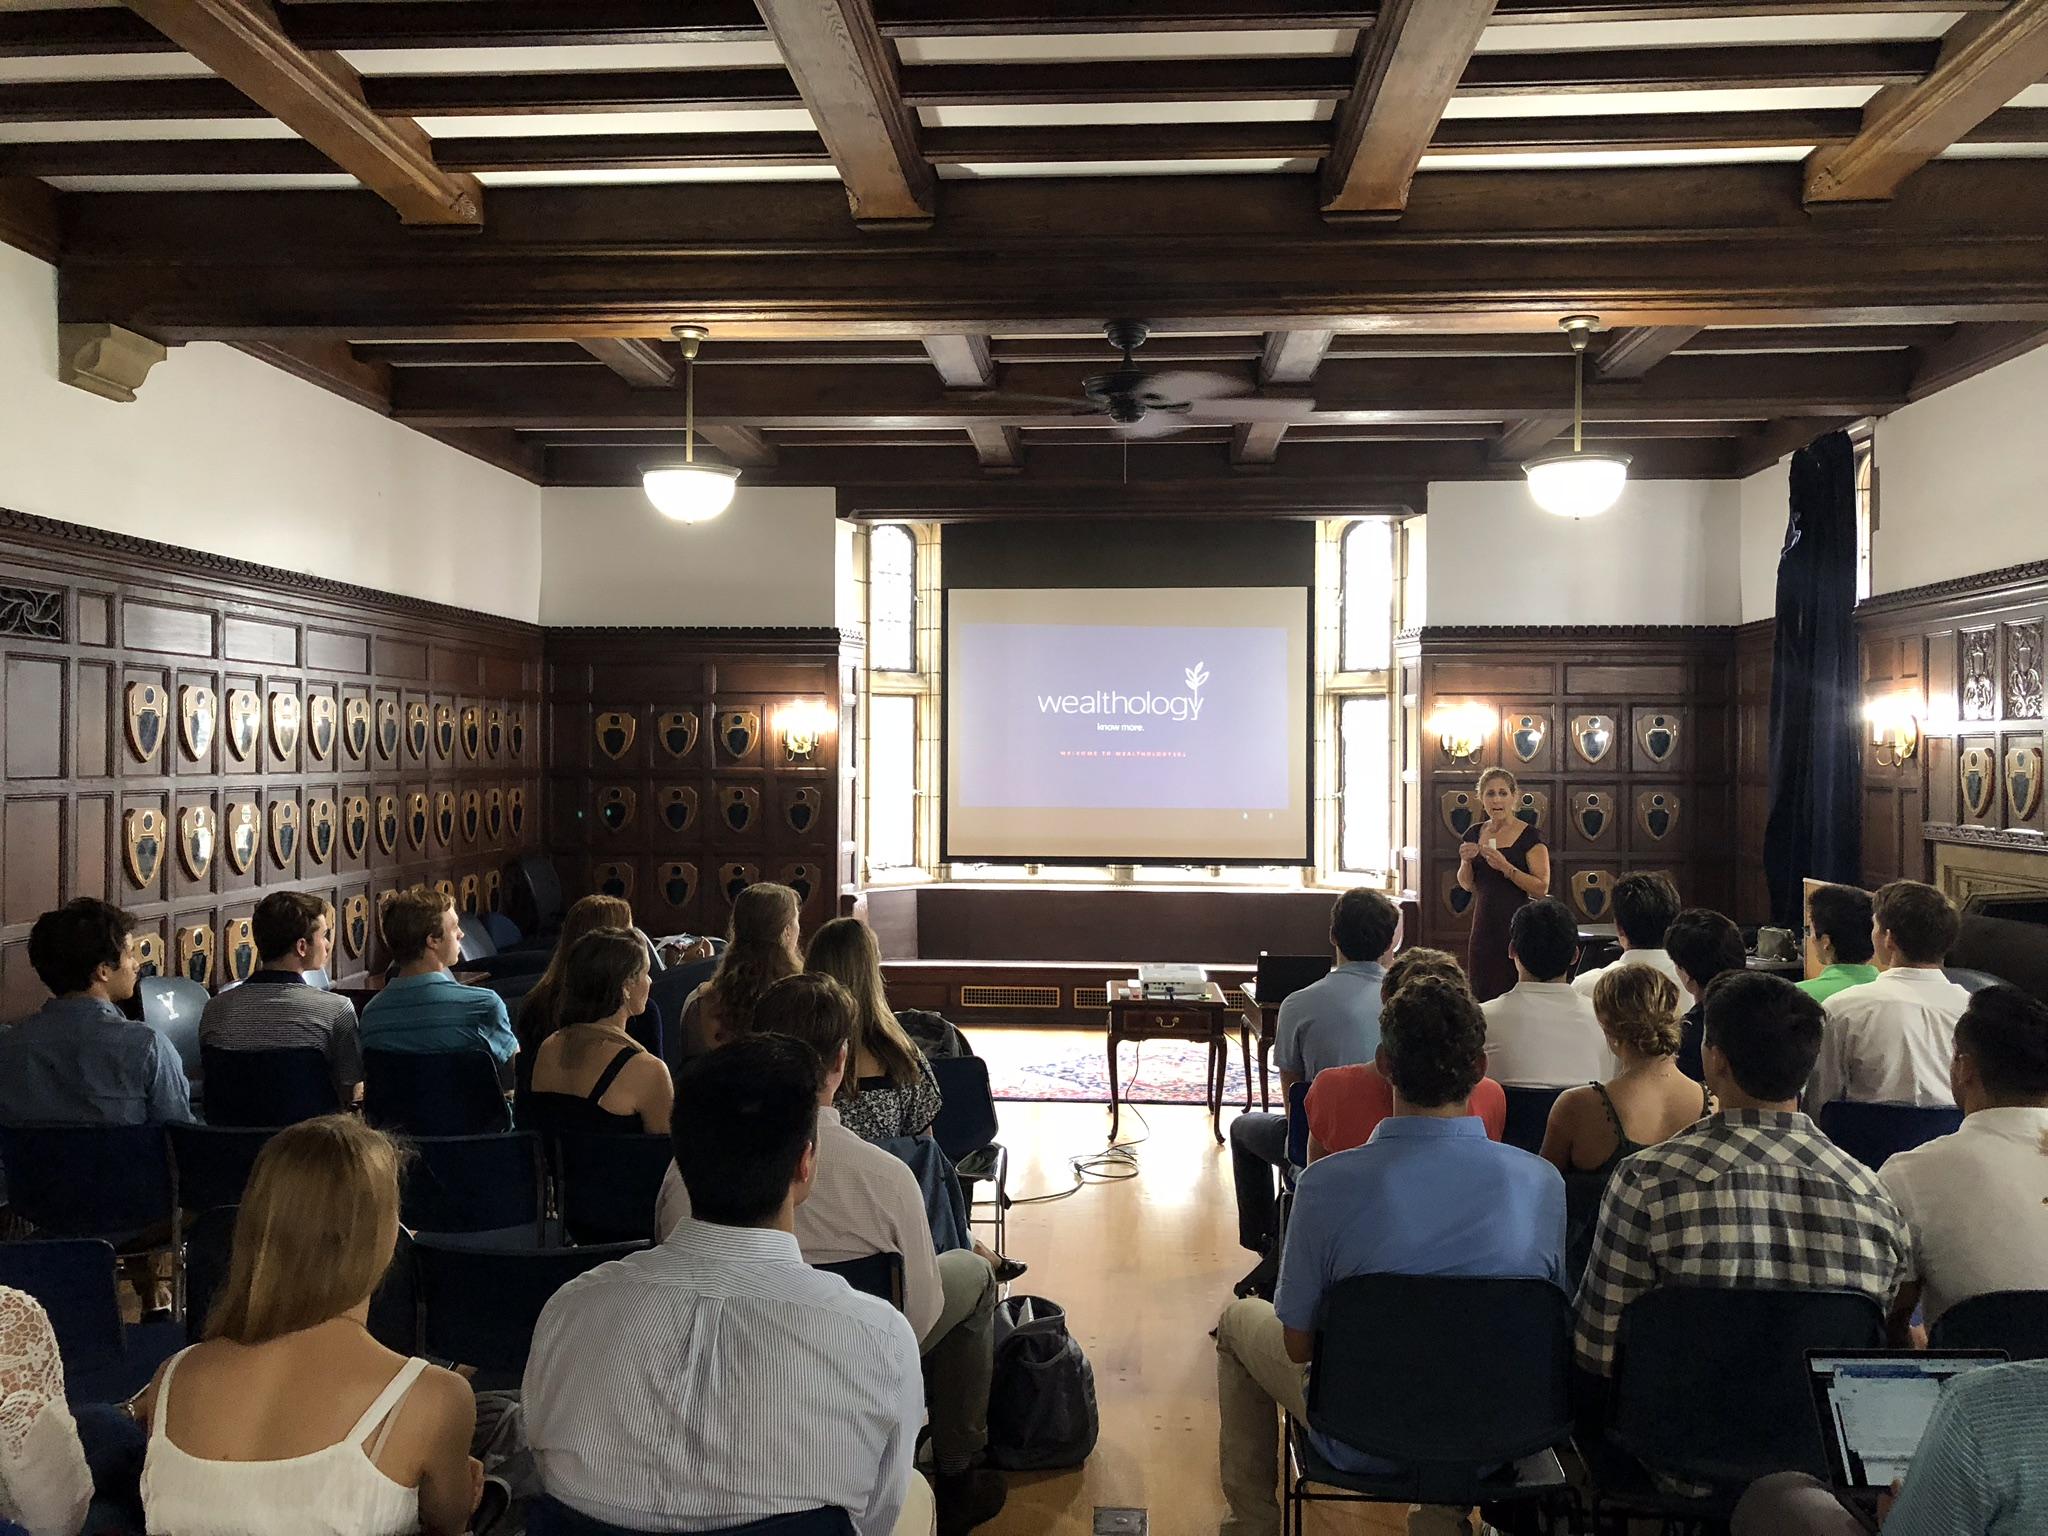 Yale University - Wealthology 101